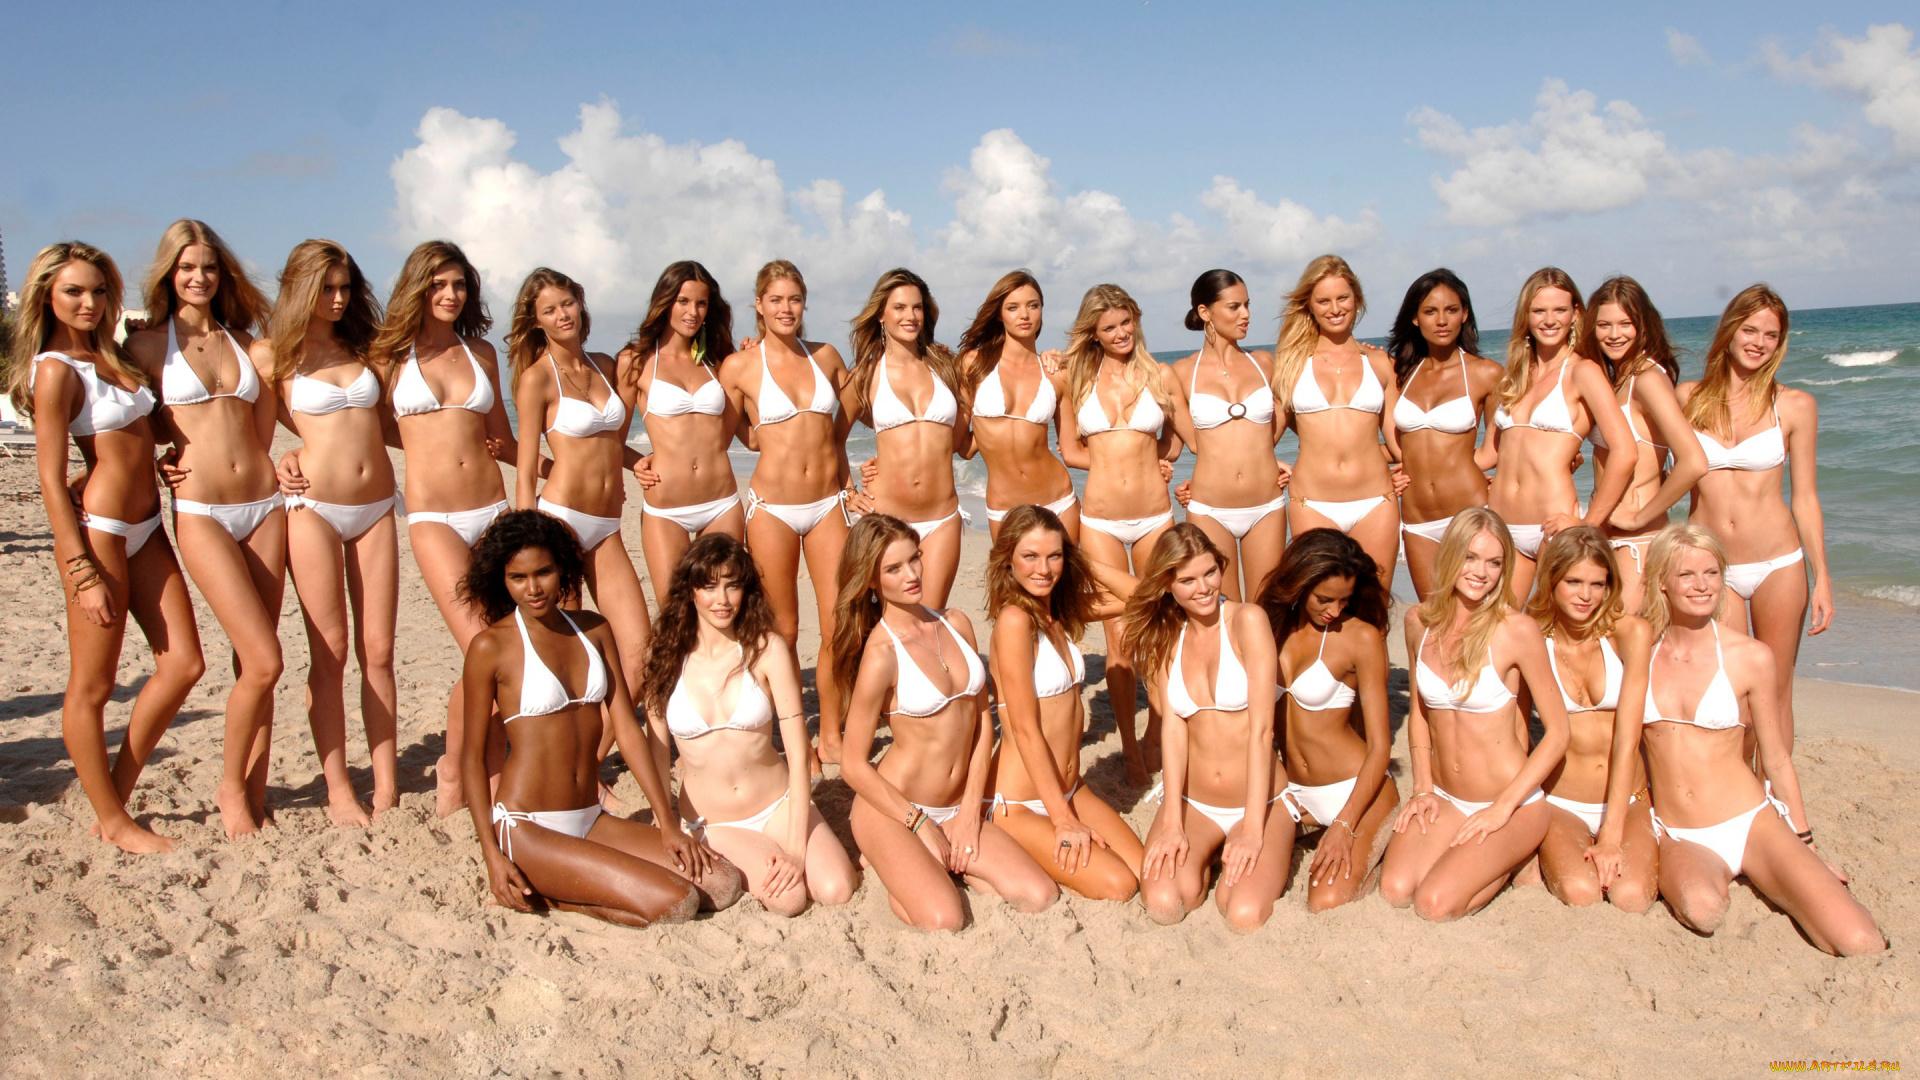 группа девушек на пляже гарантирую жду